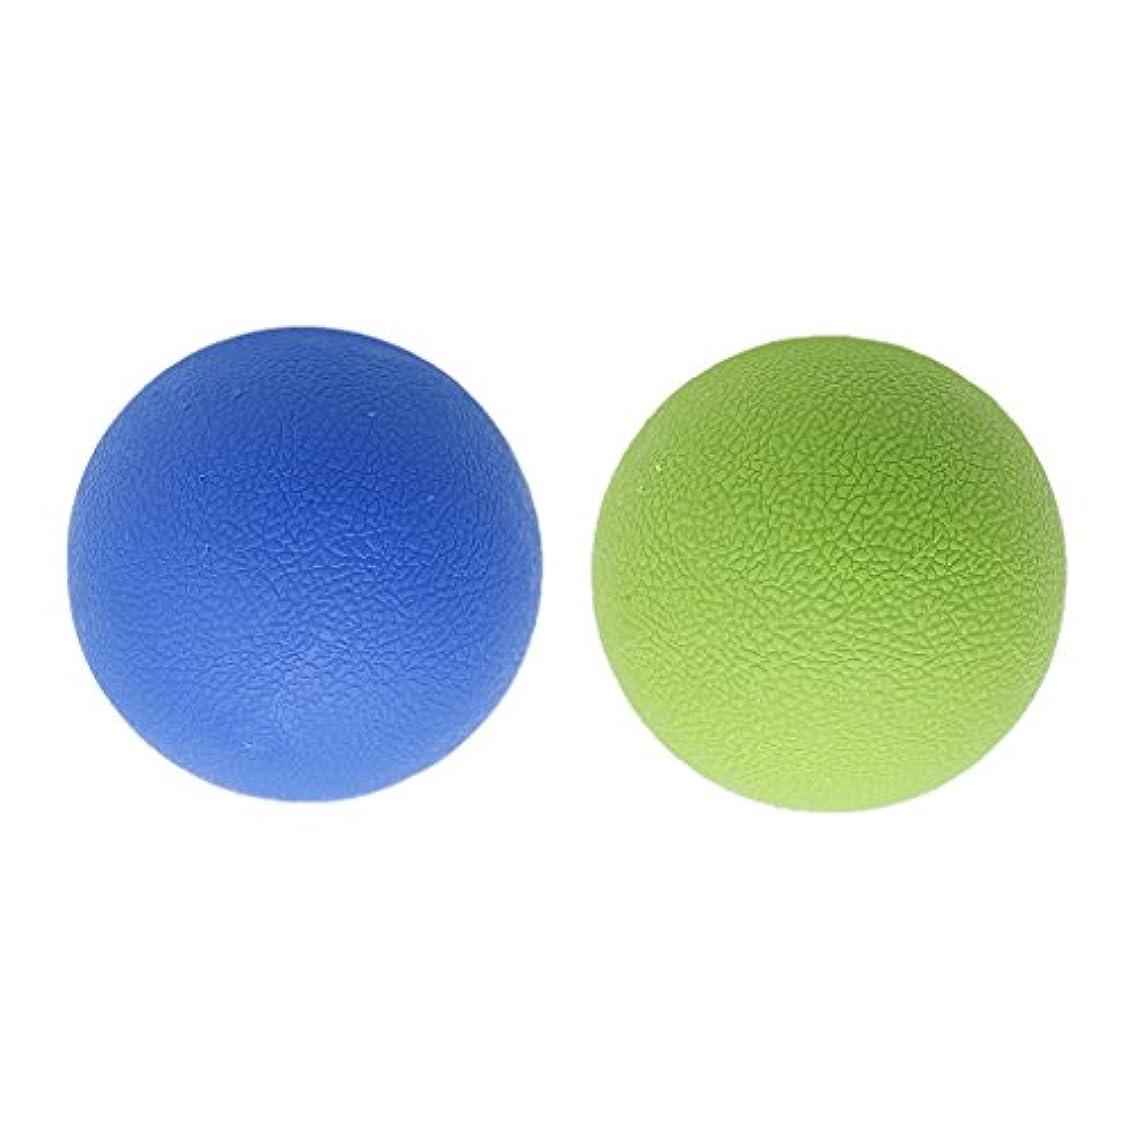 Baoblaze 2個 マッサージボール ラクロスボール トリガ ポイントマッサージ 弾性TPE 多色選べる - ブルーグリーン